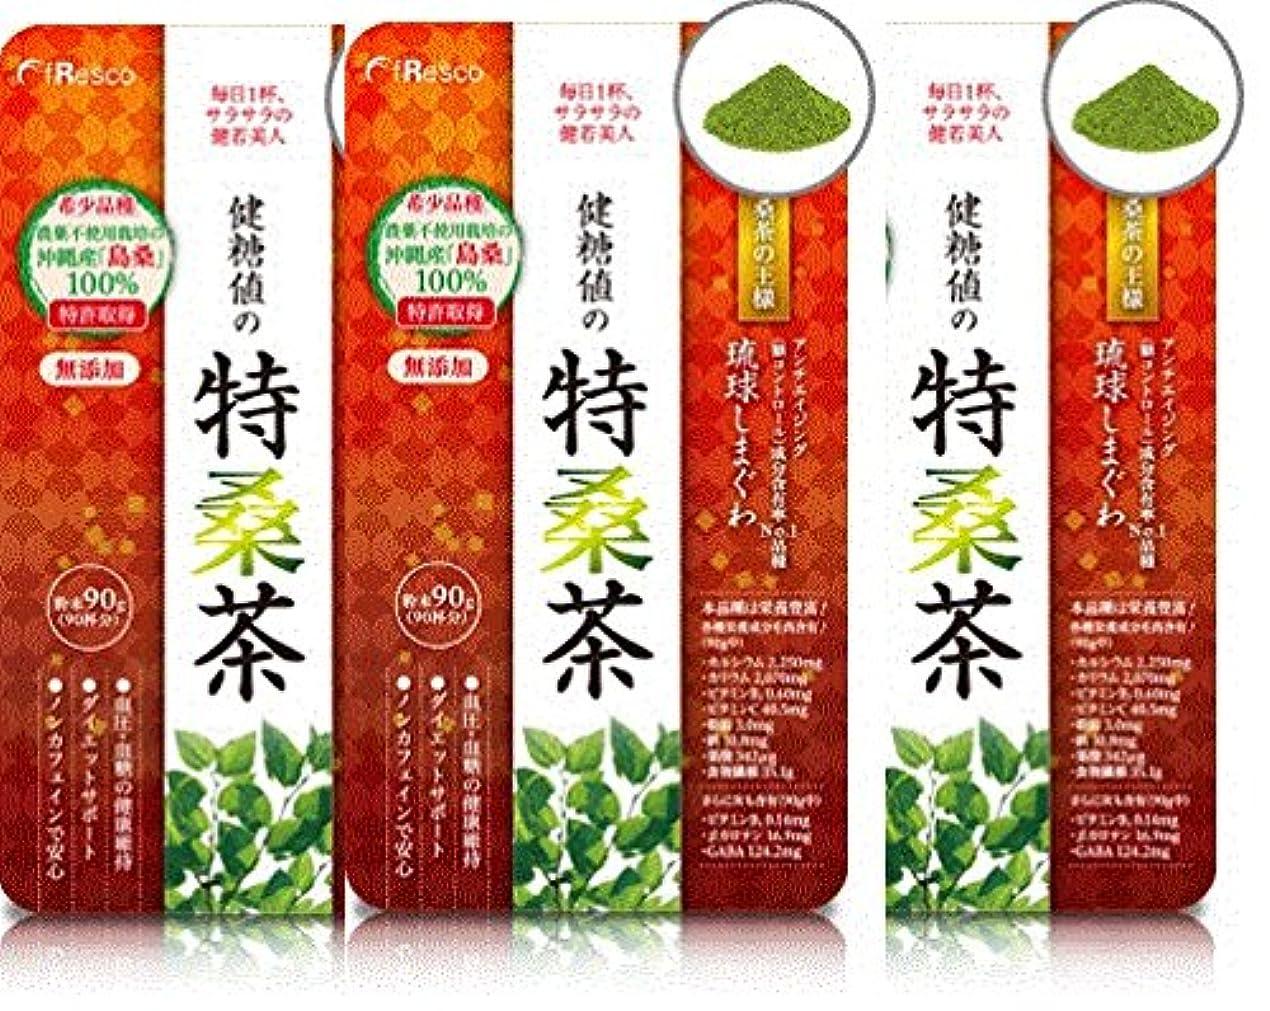 ヘッジ漏斗マイクロ琉球しまぐわ 健糖値の特桑茶 270g(90g × 3袋) 【5% OFF】【送料無料】